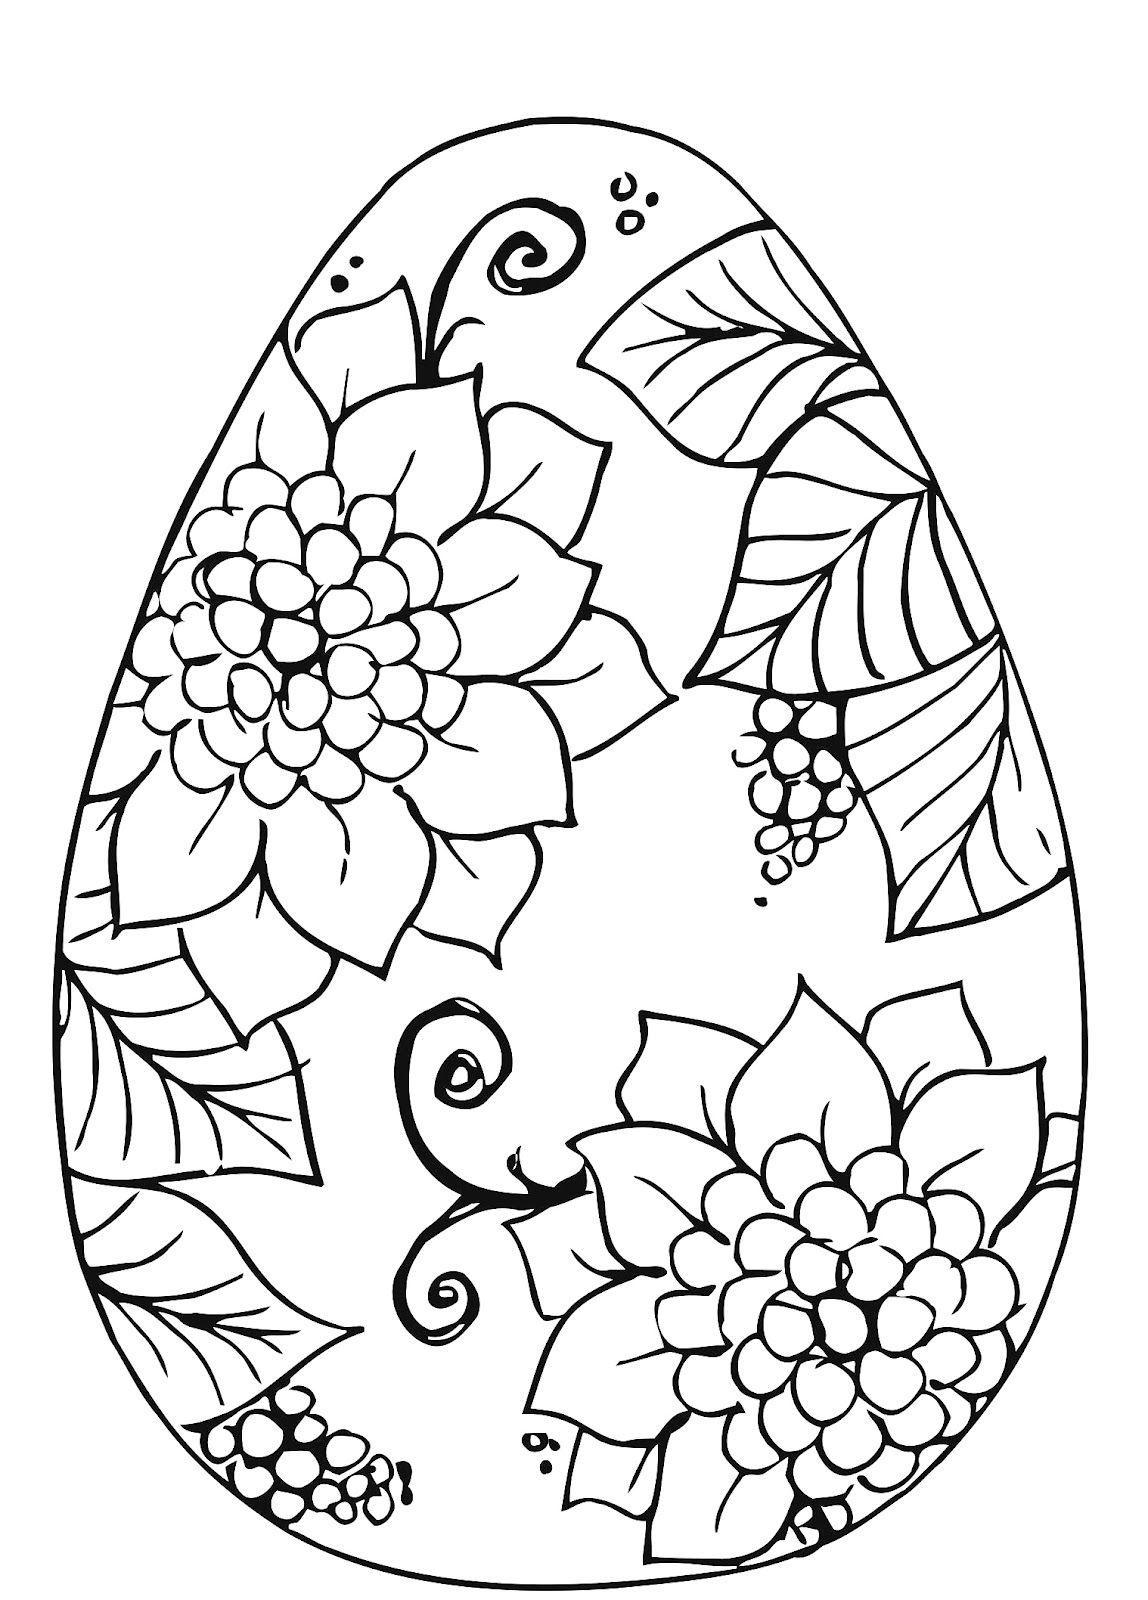 B D Designs Free Coloring Page Easter Kleurplaat Pasen Gratis Kleurplaten Kinderkleurplaten Boek Bladzijden Kleuren